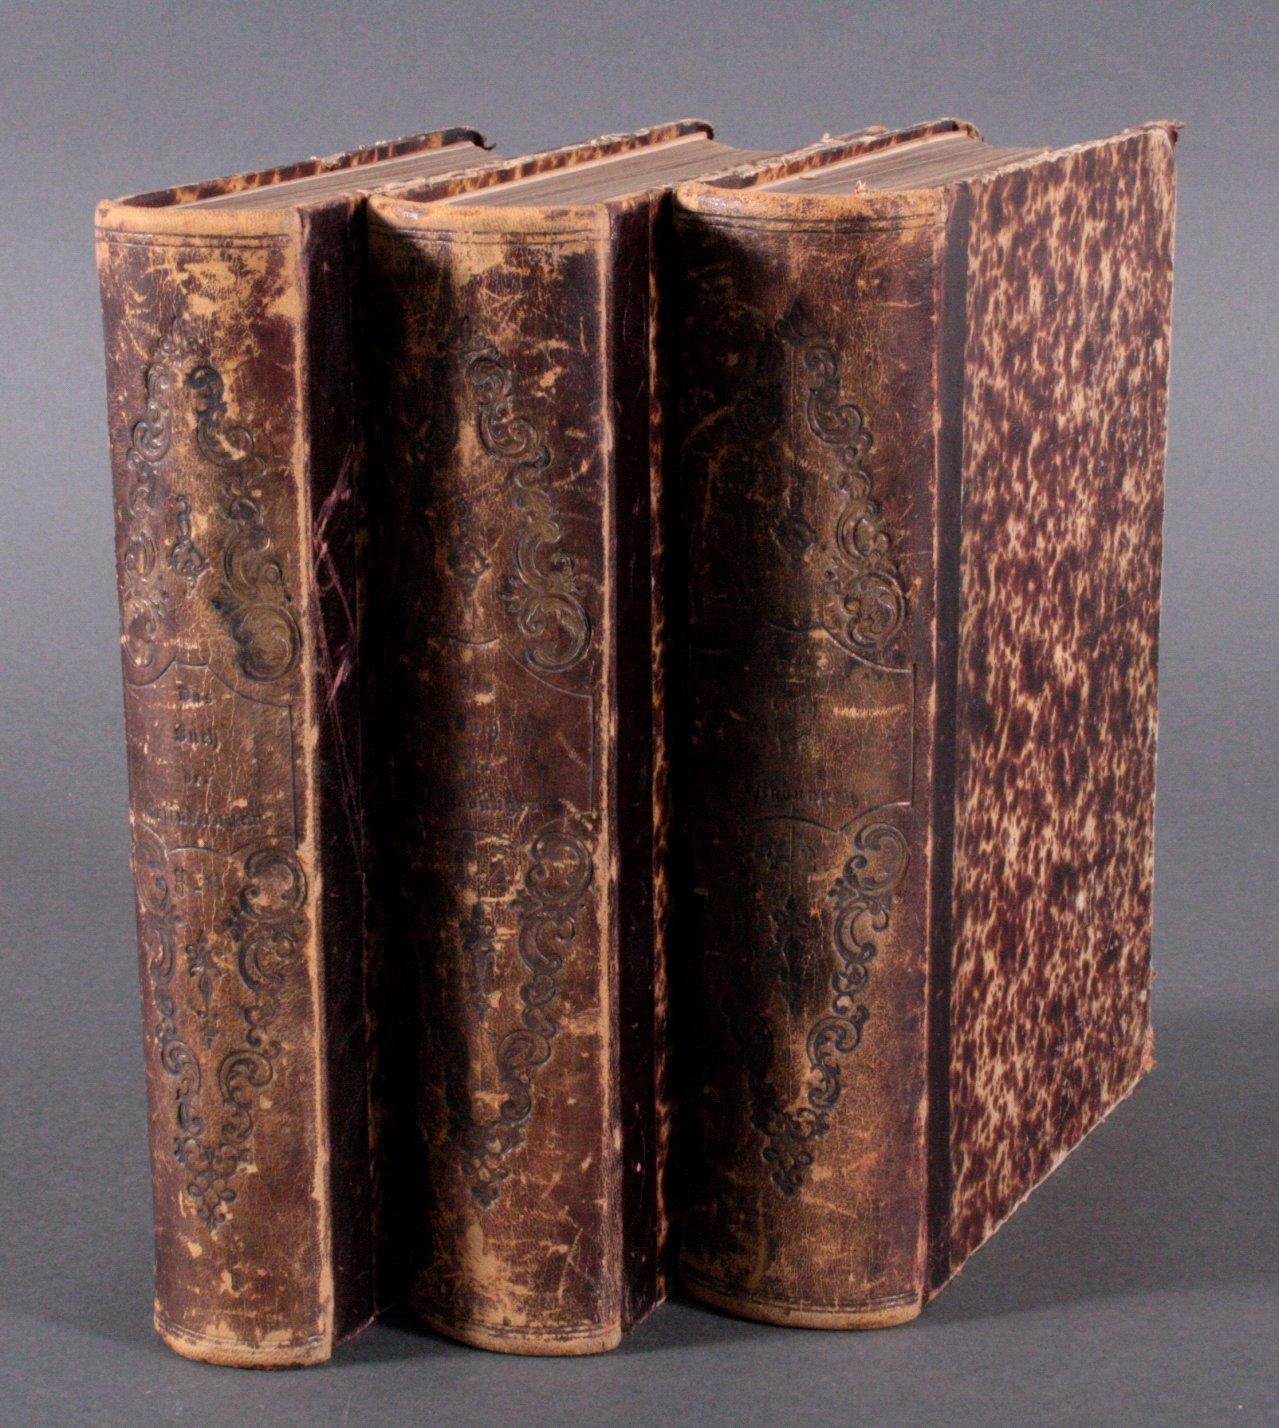 Das neue Buch der Erfindungen, Gewerbe und Industrien, 1864